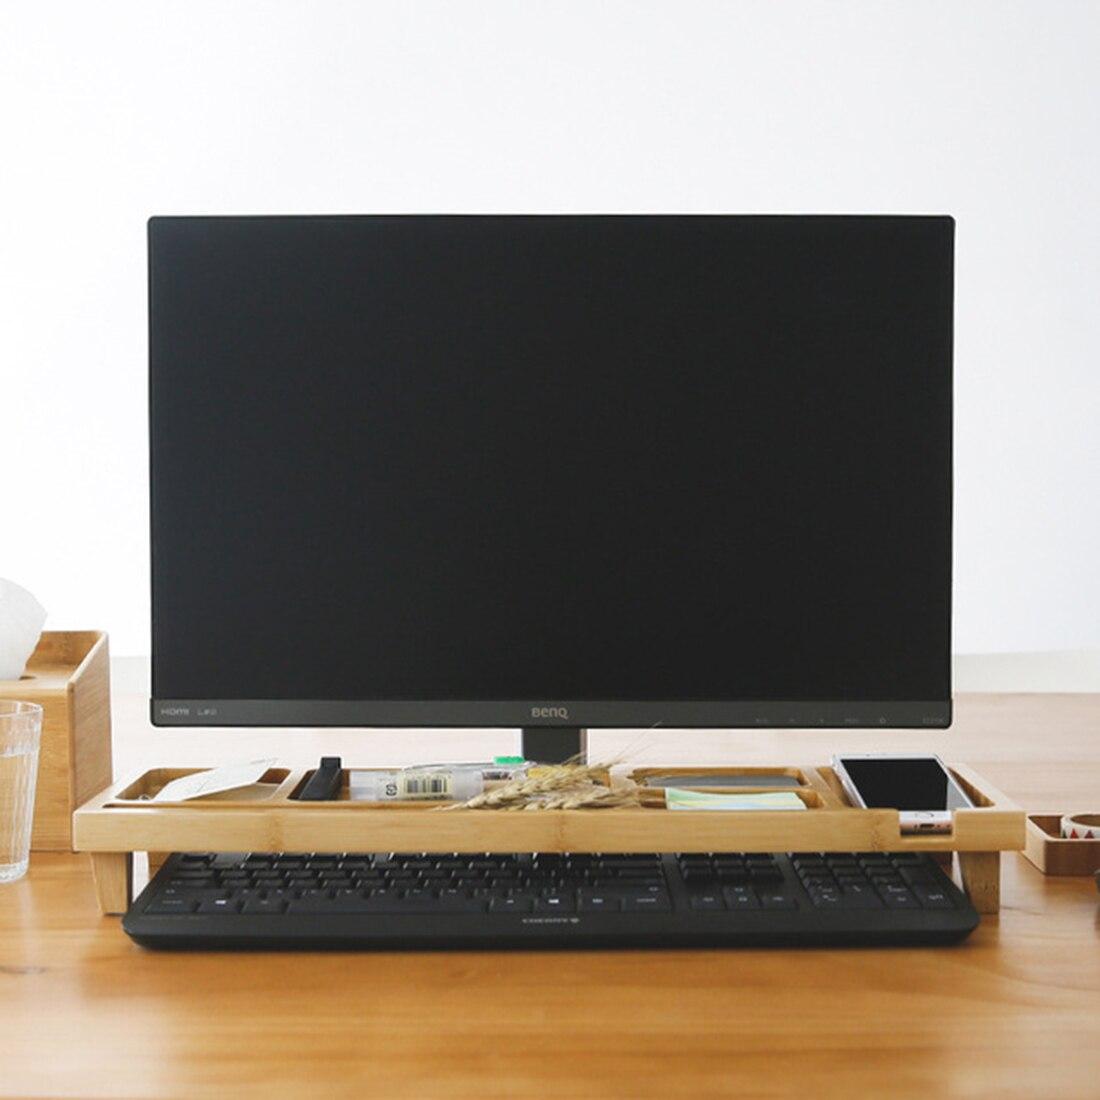 Wooden Computer Monitor Stand Riser Keyboard Stand Organizer Suppoet Desktop Gadget Storage Items Home Storage Organization